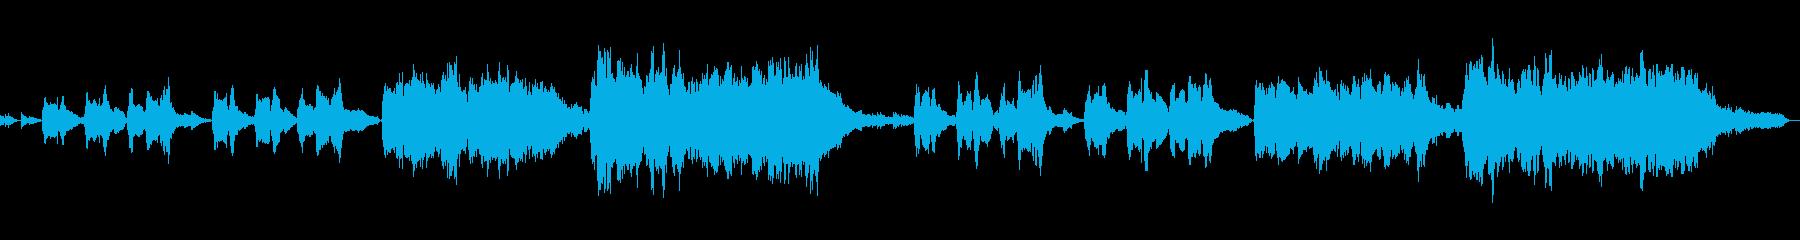 弦楽器の低音の重厚な響きが魅力の曲の再生済みの波形